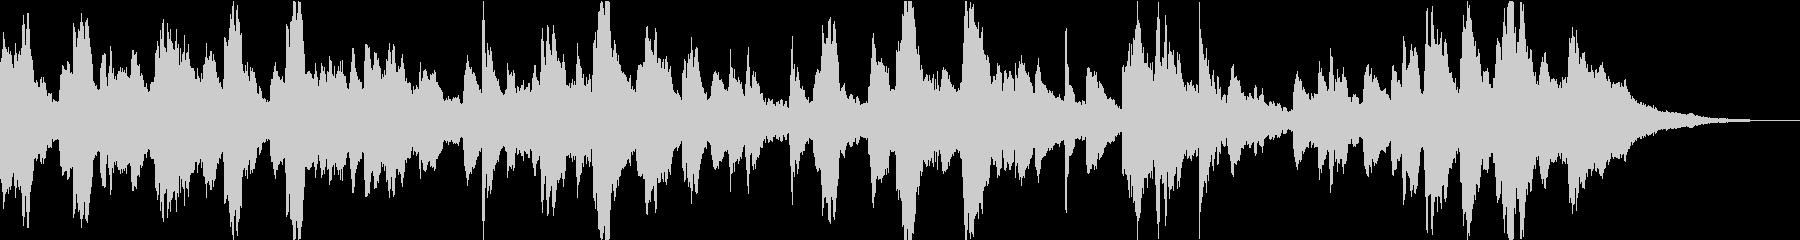 ドキュメンタリーに最適アンビエントピアノの未再生の波形